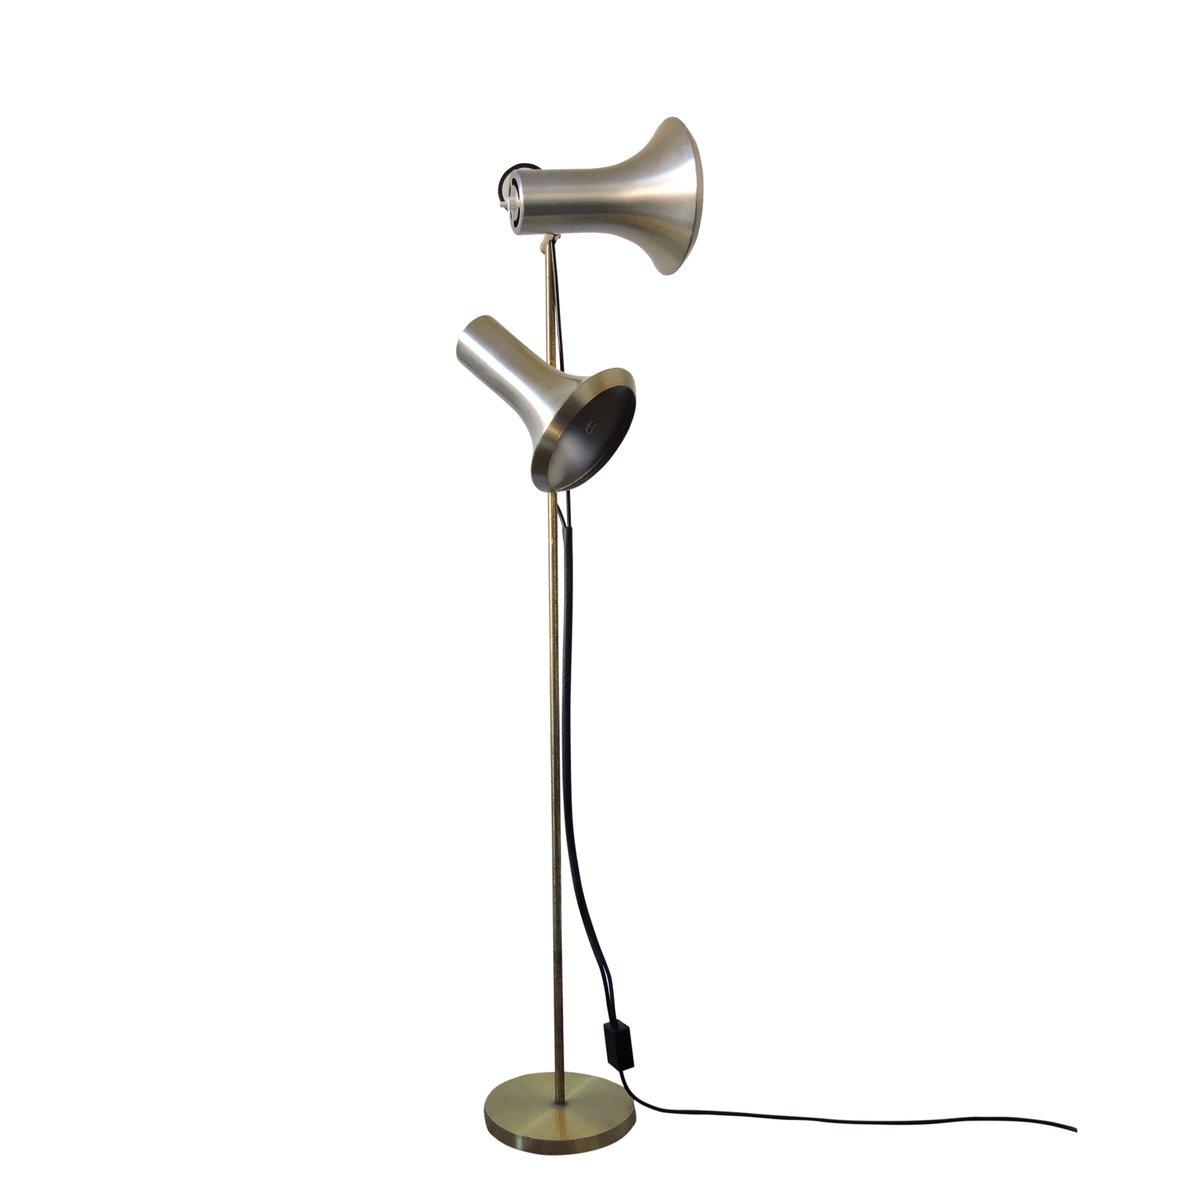 Vintage Stehlampe in Blassgolg, 1960er